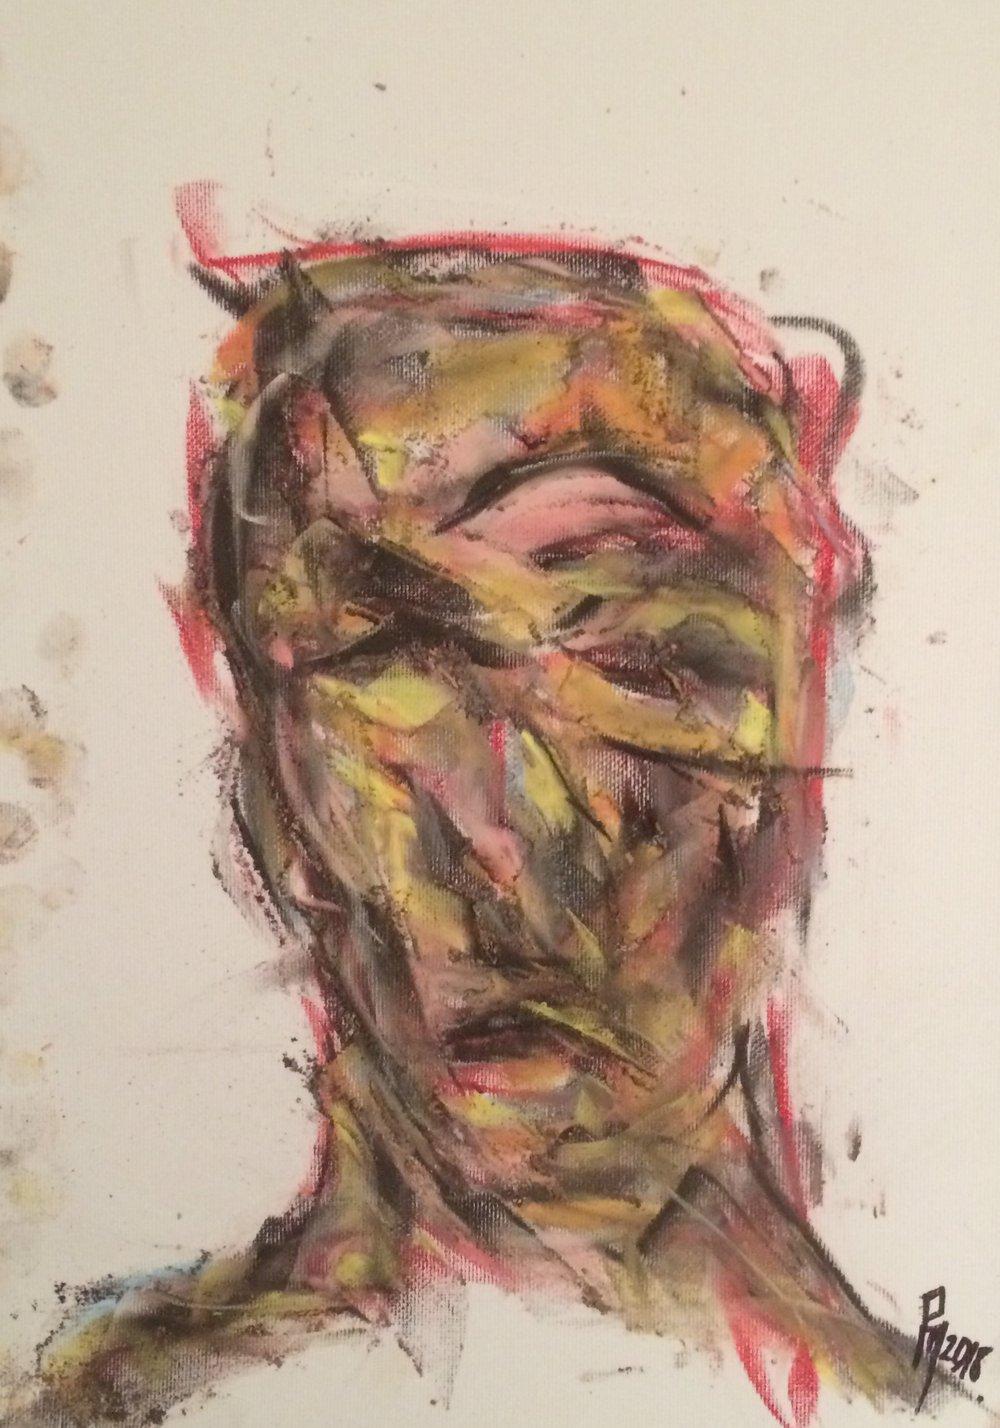 Self Portrait: Patrick Maguire